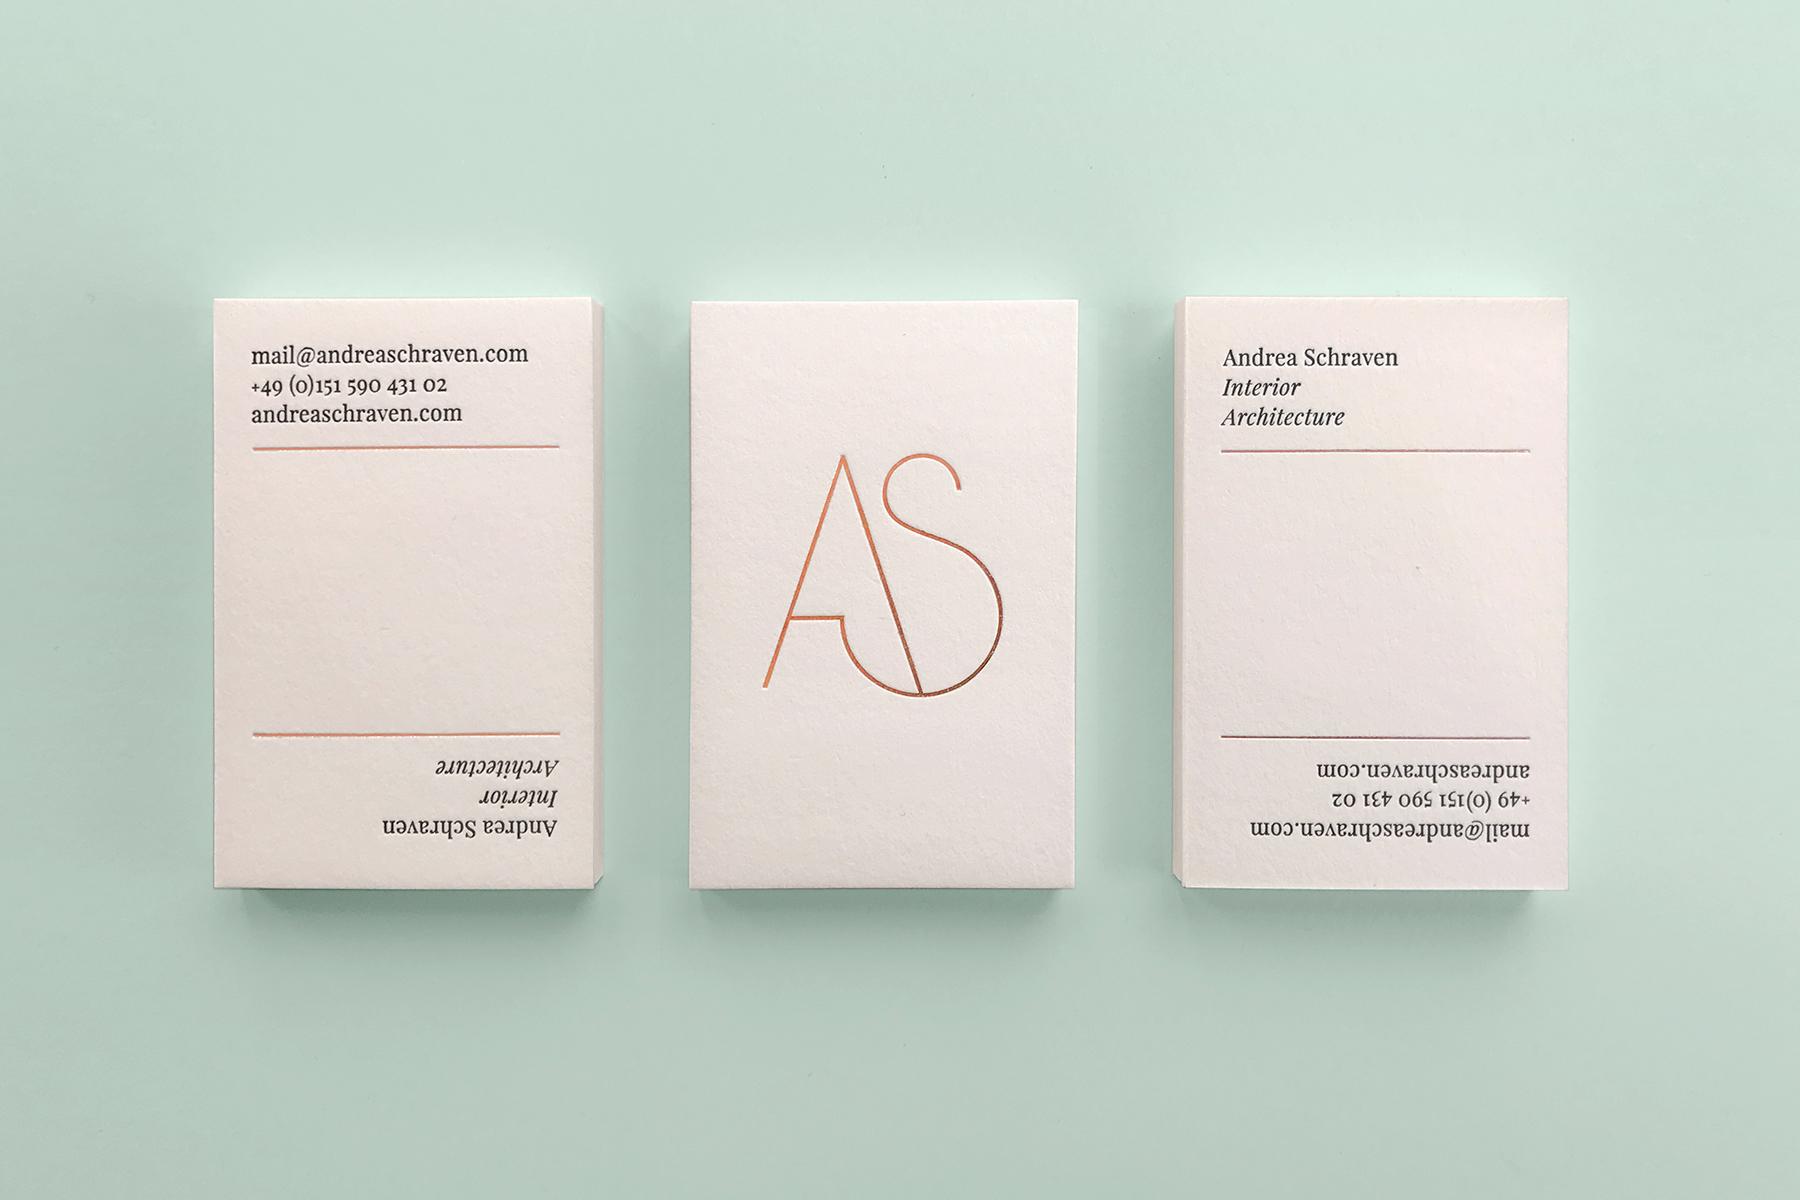 Andrea Schraven Interior Architect / Identity, Web